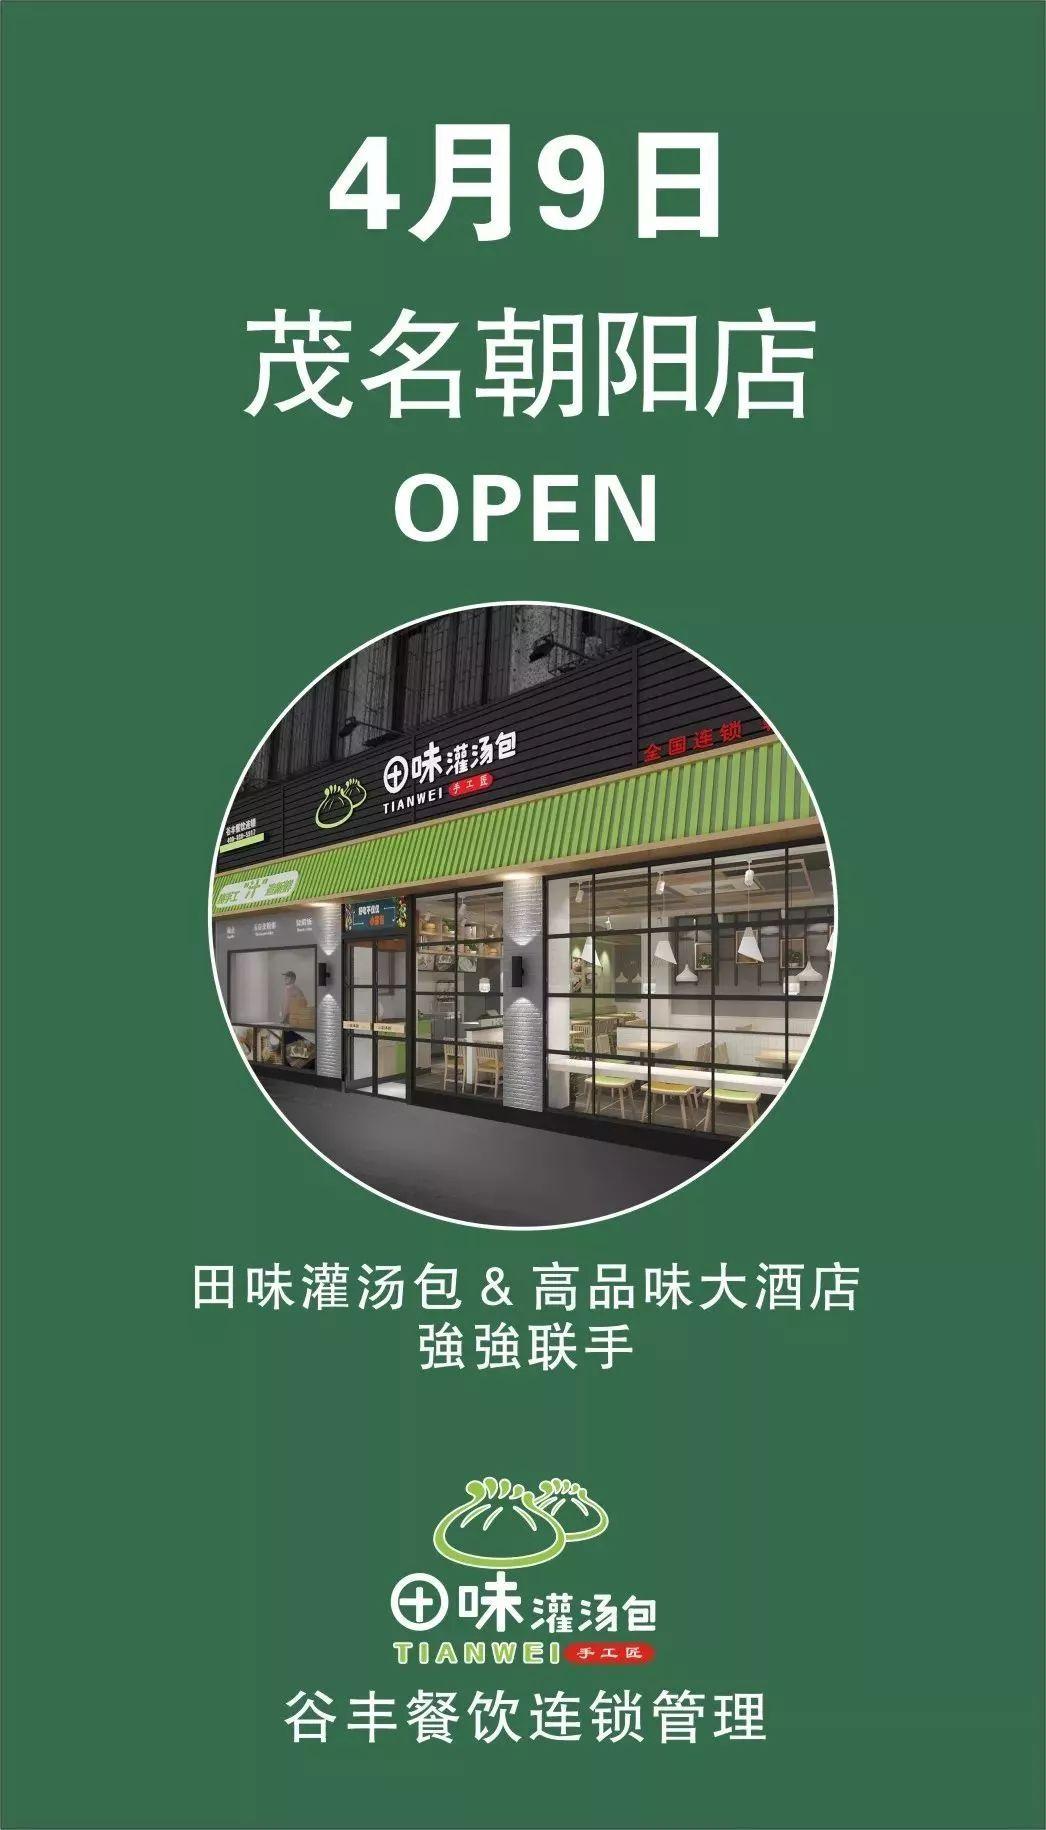 开业5折丨4月9日朝阳店幸福相遇